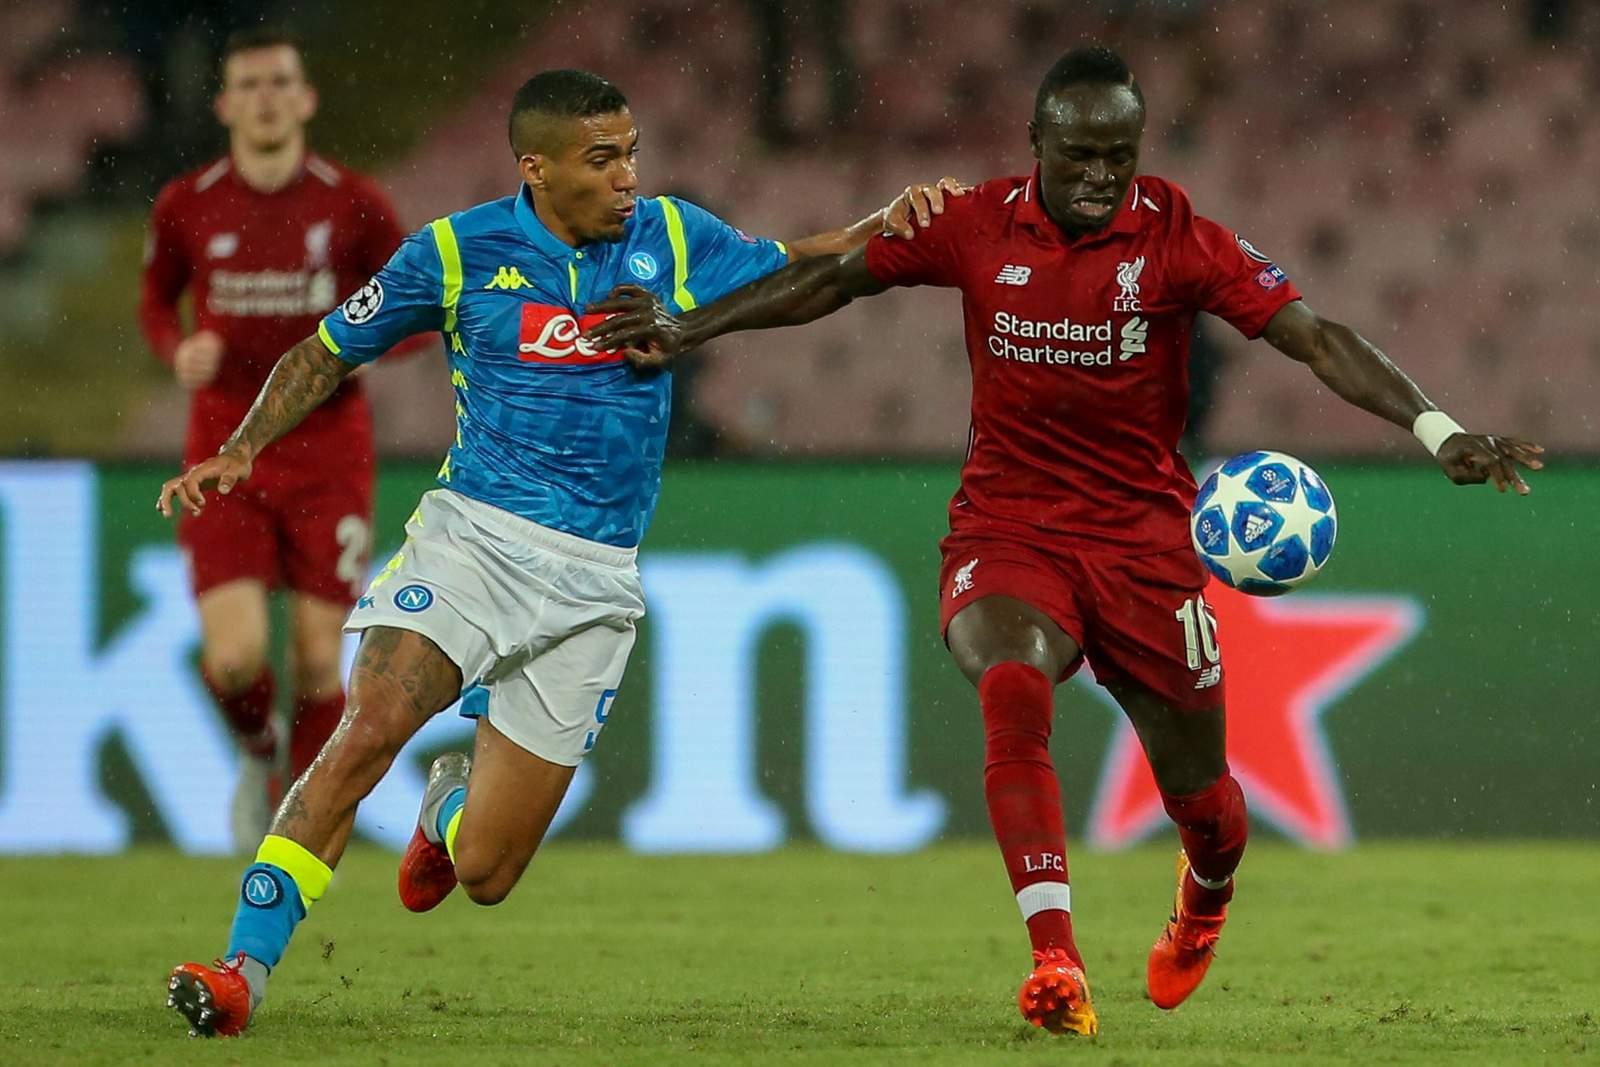 Setzt sich Allan gegen Mane durch? Jetzt auf Napoli gegen Liverpool wetten